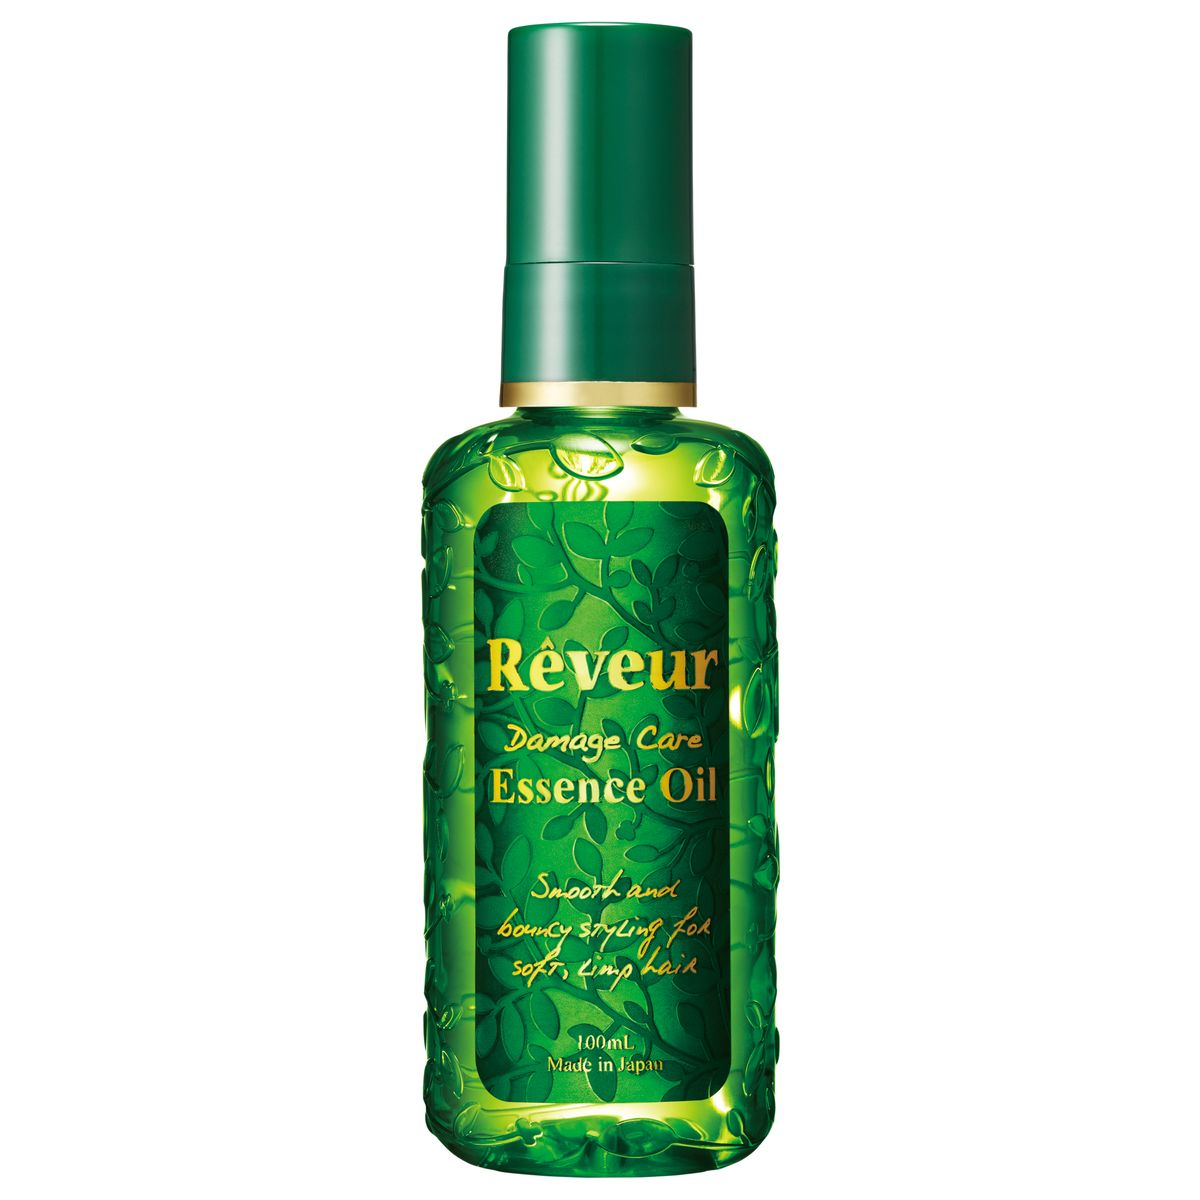 Reveur Масло для волос Essence Oil Питание и восстановление, 100 мл70487В состав Reveur Essence Oil входят натуральные природные масла, которые питают волос изнутри, склеивая секущиеся кончики, восстанавливая структуру и поврежденные участки.Специально подобранные экстракты растений восстанавливают кутикулу, не утяжеляя волосы. Легкое нанесение и распределение, без склеивания.Масло Reveur Essence Oil восстанавливает волосы, придает пышность и легкость.Рекомендуется: Для слабых и тонких волосДля непослушных и мягких волос Для объема волосМасло имеет элегантный теплый аромат восточных цветов.Способ применения: на влажные волосы, слегка просушенные полотенцем, нанести необходимое количество масла (1-2 нажатия помпы) и распределить по длине пальцами. Остатки средства втереть в кончики волос. В случае нанесения на сухие волосы, следует сократить количество масла.Состав: циклопентасилоксан, масло из рисовых отрубей, алкил бензойной кислоты (С12-15), стеарамид этил диэтониум сакцинол гидролизированный белок гороха, масло из виноградных косточек, абрикосовое масло, масло семян бурачника, масло жожоба, масло мурумуру, пантенол, три (каприловой кислоты / каприновой кислоты) глицерина, y- докозапентаеновой лактон, глицерин, сахар изомеризуют (из пшеницы), токоферола ацетат, аромат, ароматизатор.